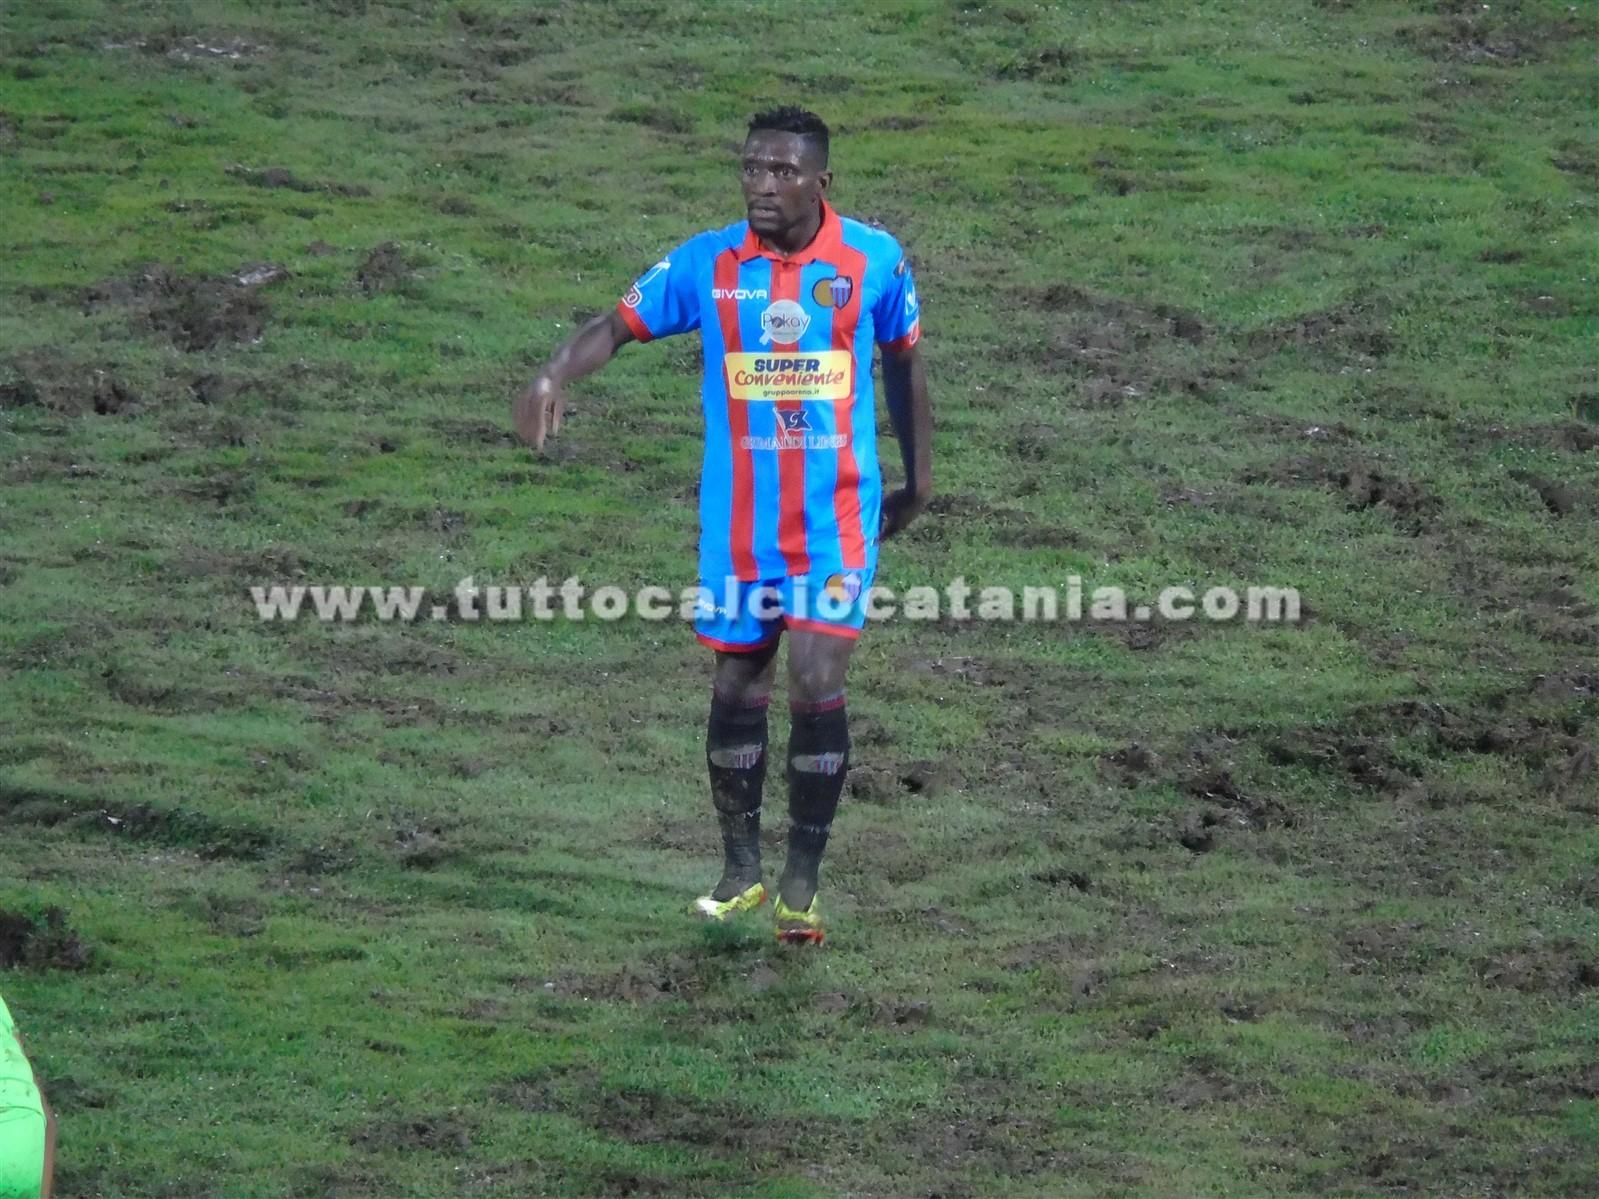 CROLLO NELLA RIPRESA: un gran gol di Biondi non basta, sorride il Notaresco  - Tutto Calcio Catania